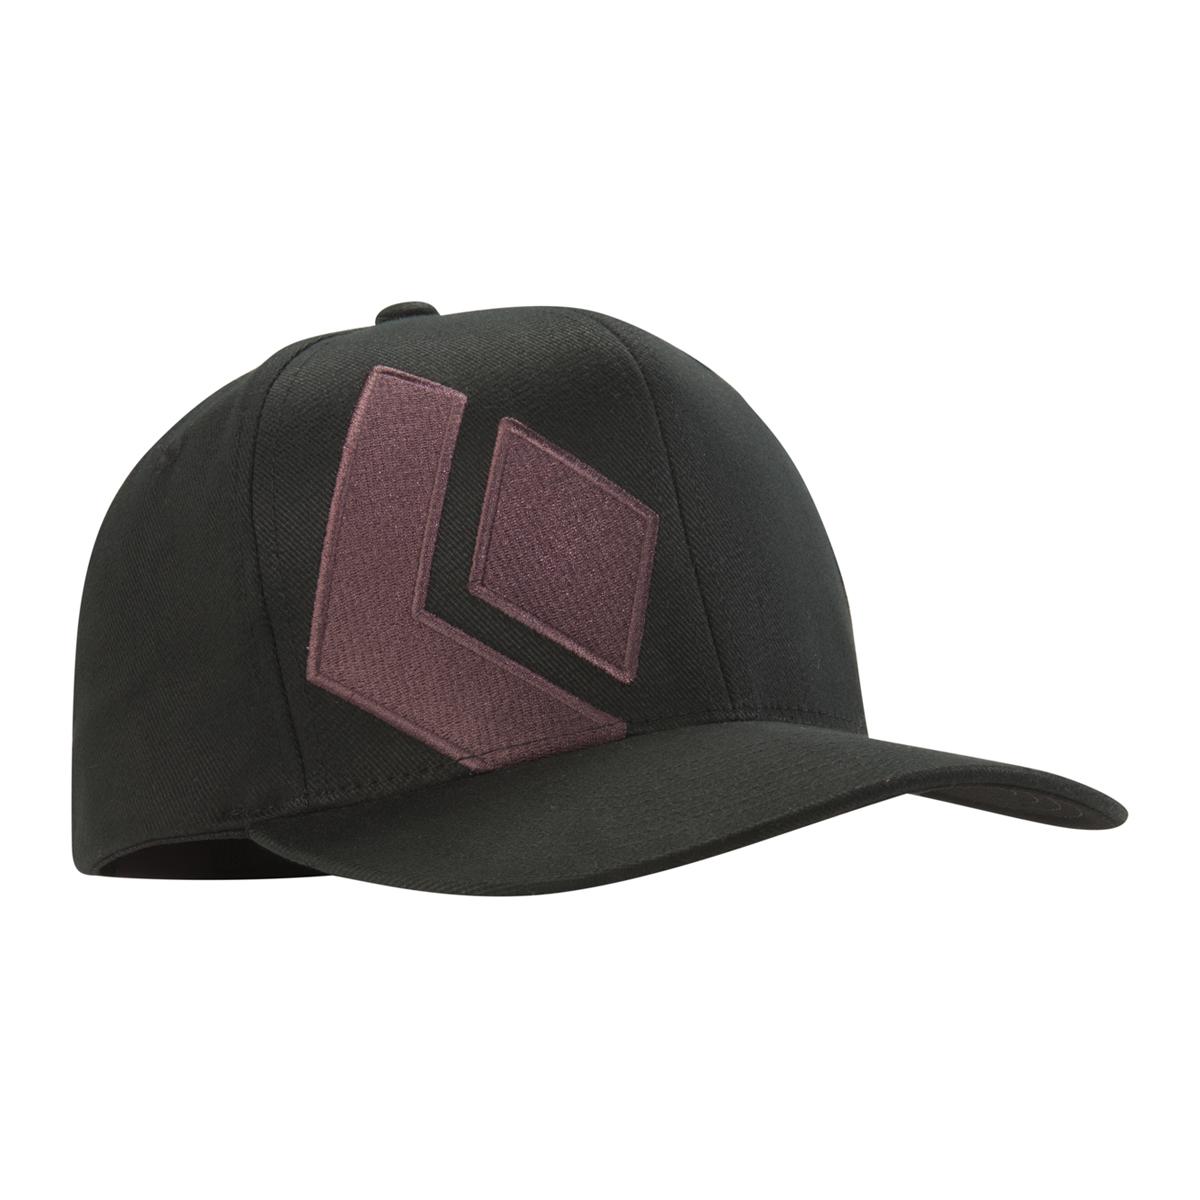 Black Diamond PRO Hat 2015  73653903820